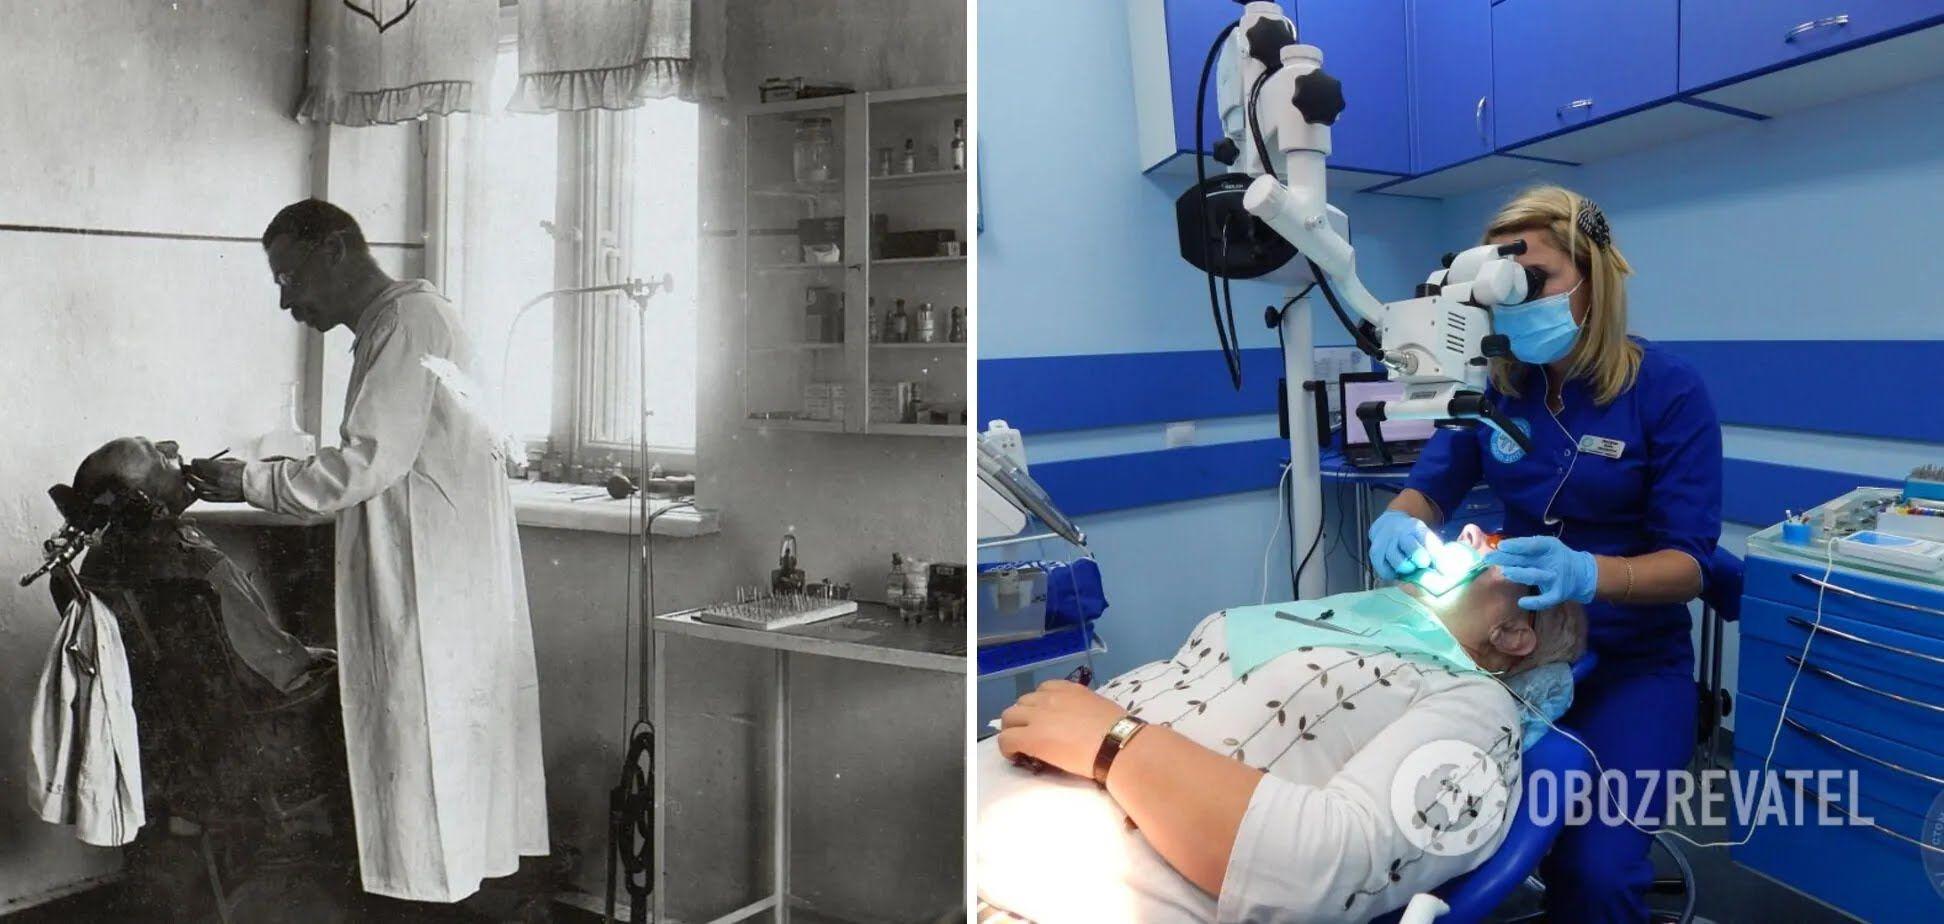 Стомотологи тепер працюють з мікроскопом